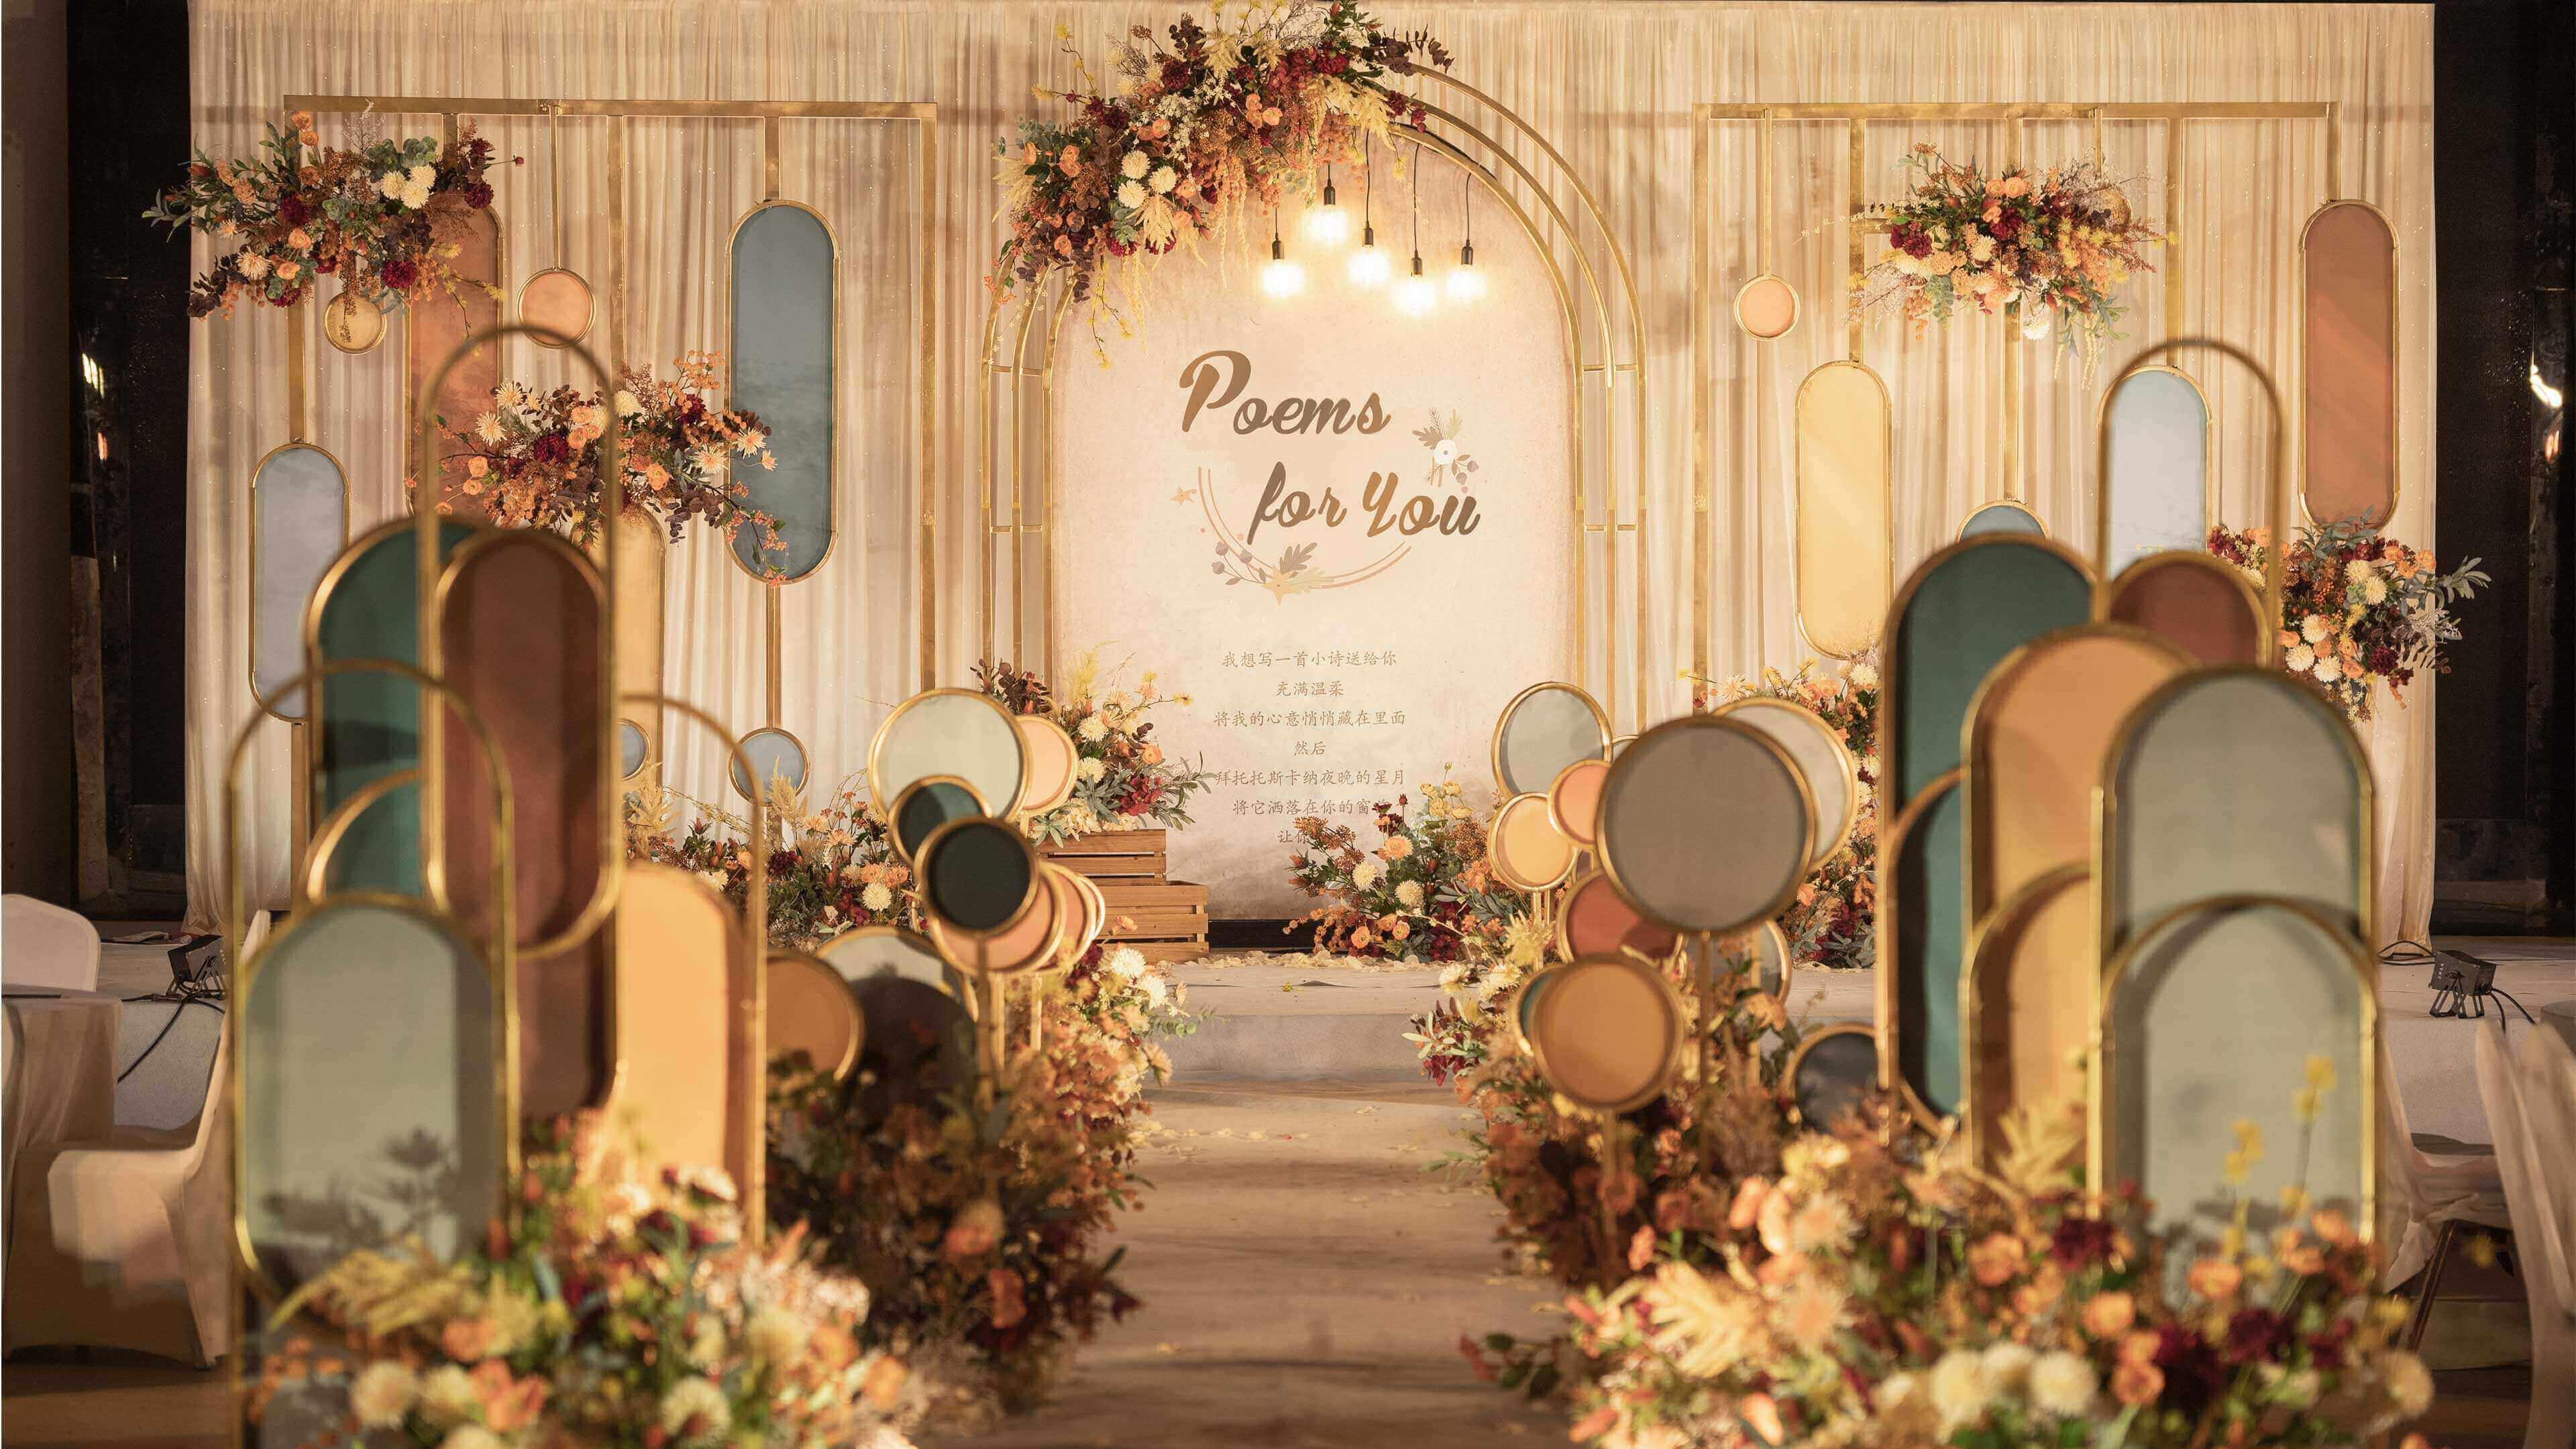 浠水婚礼策划方案:给你的诗